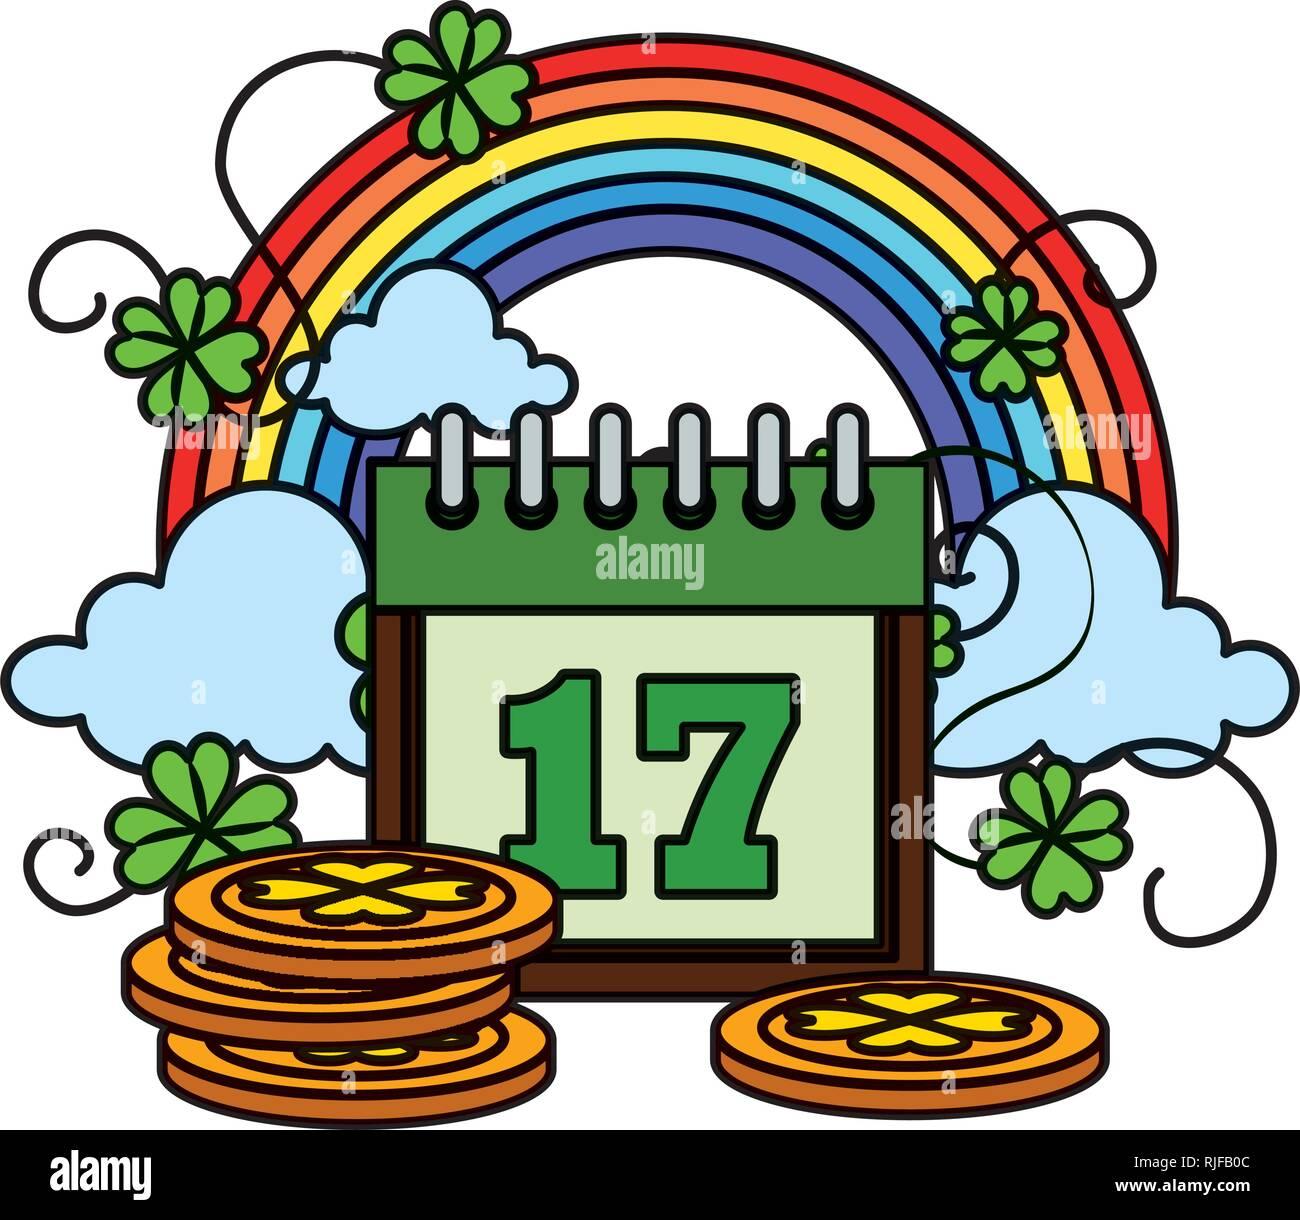 Calendario Rainbow.Monton De Monedas Con Calendario Y Rainbow Ilustracion Del